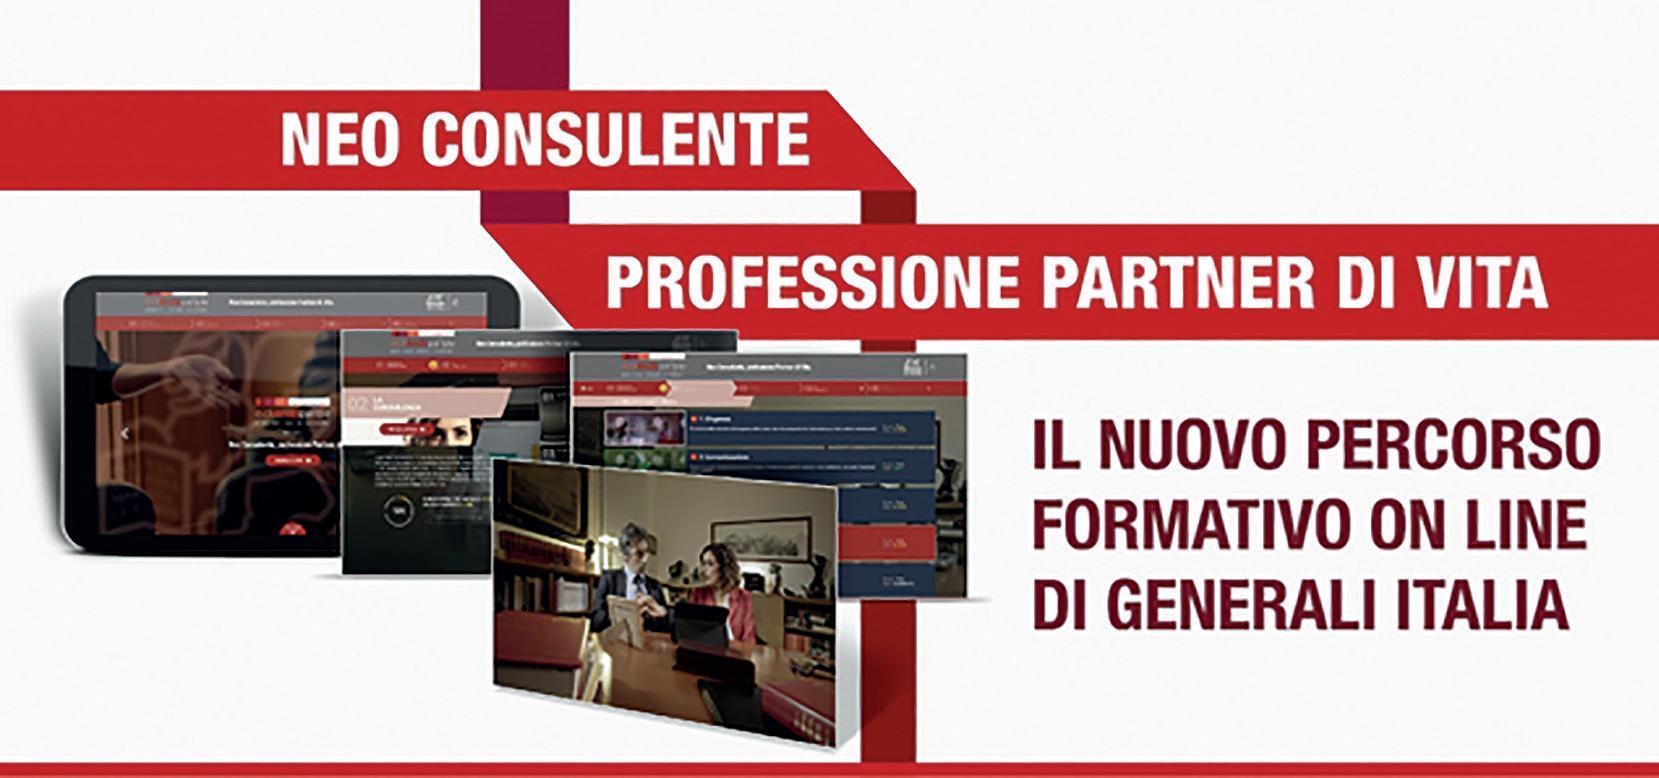 Page 20 of Generali Sales Academy. Neo consulente, professione partner di vita